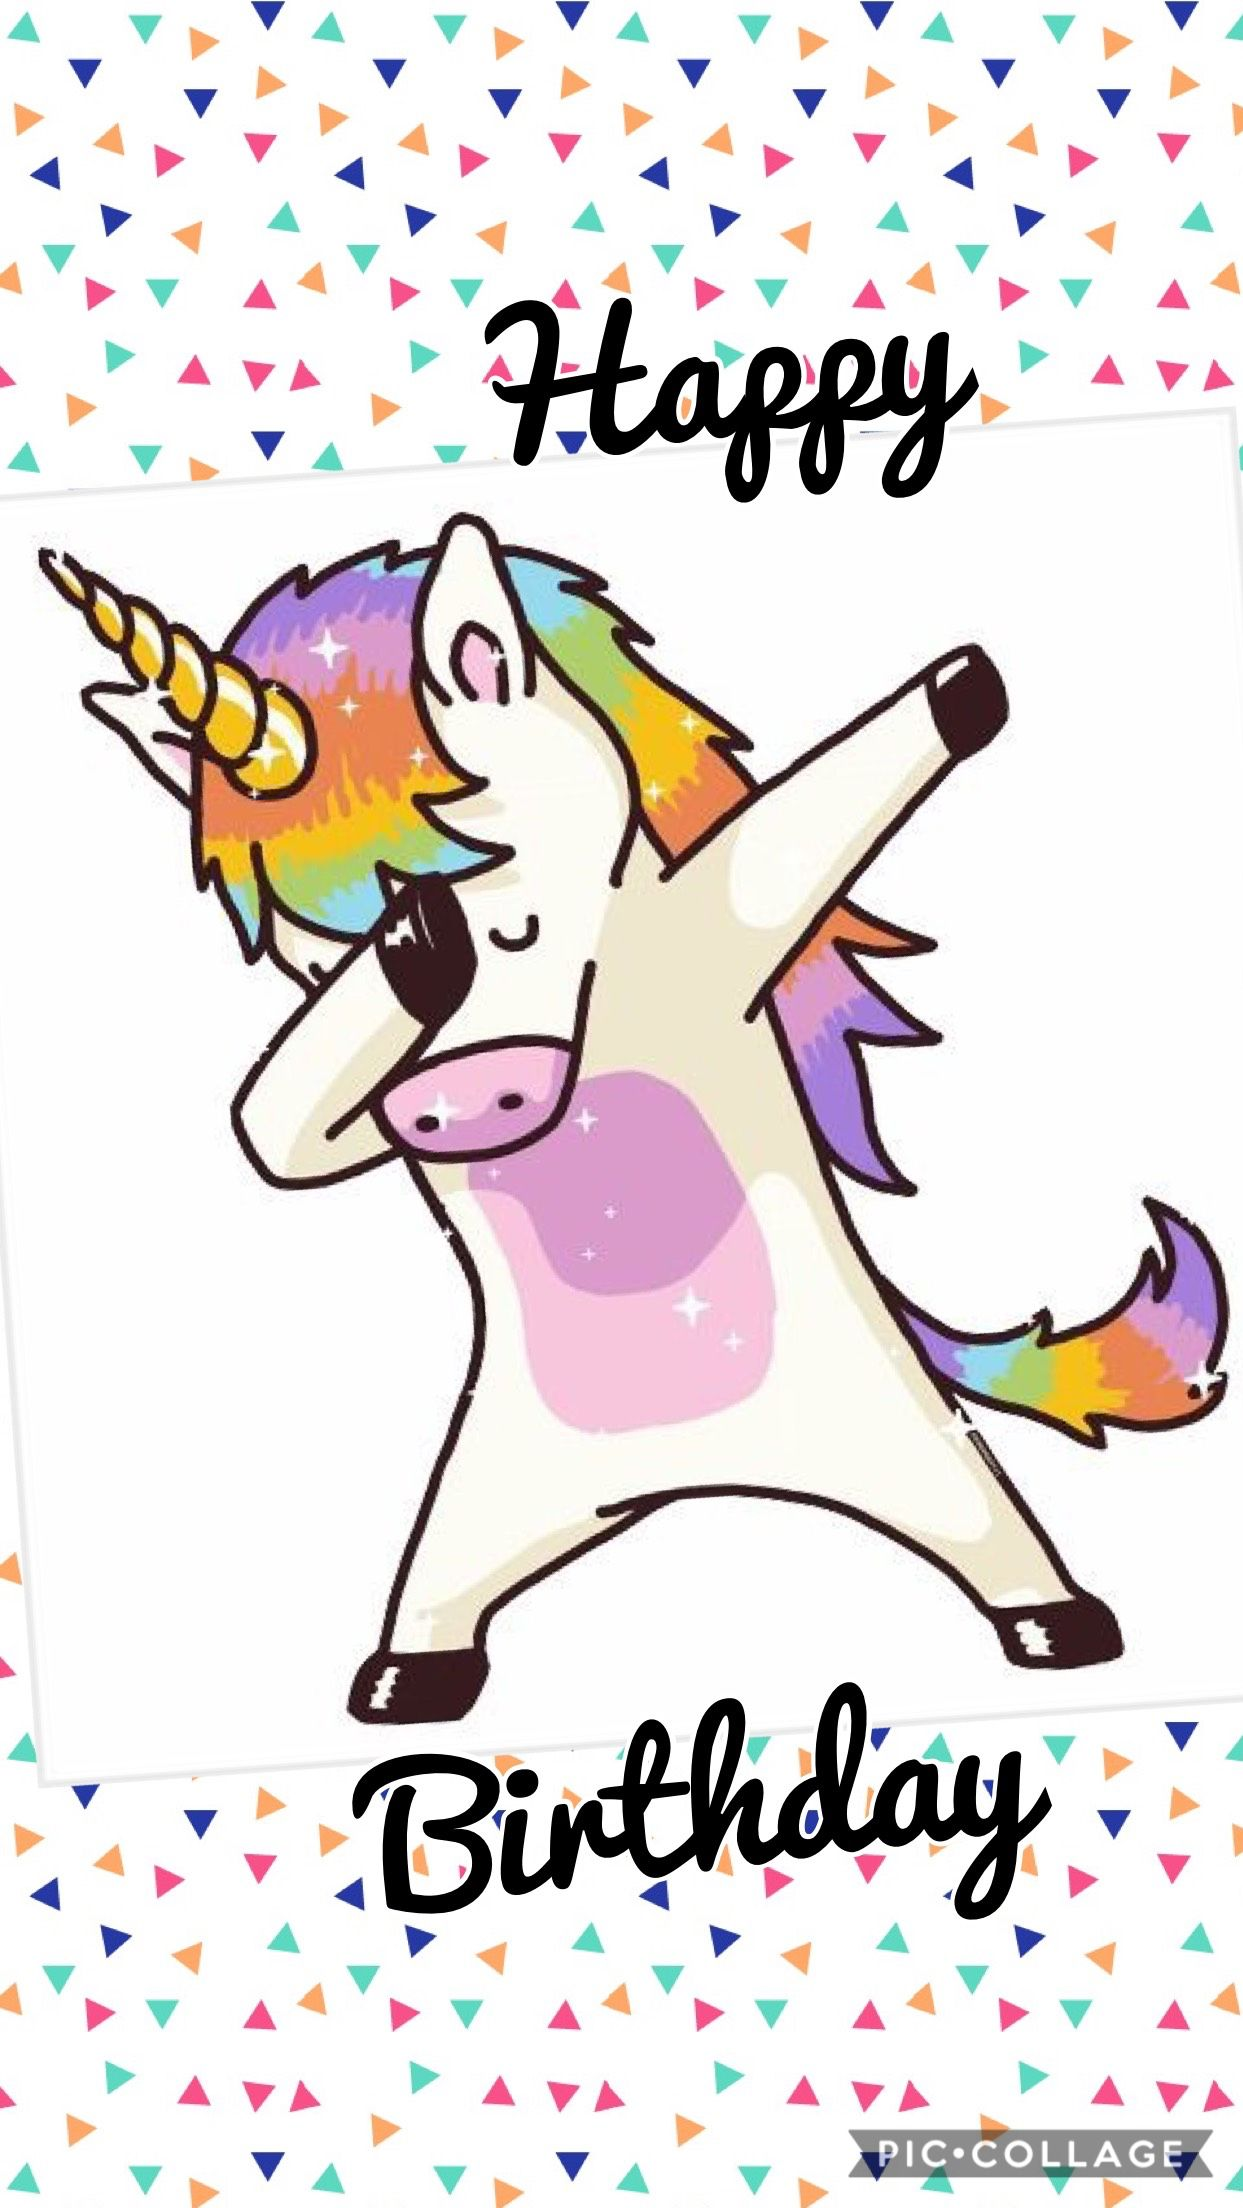 Happy Birthday Meme Kids : happy, birthday, Garcia, Happy, Birthdays!, Birthday, Husband,, Funny, Wishes